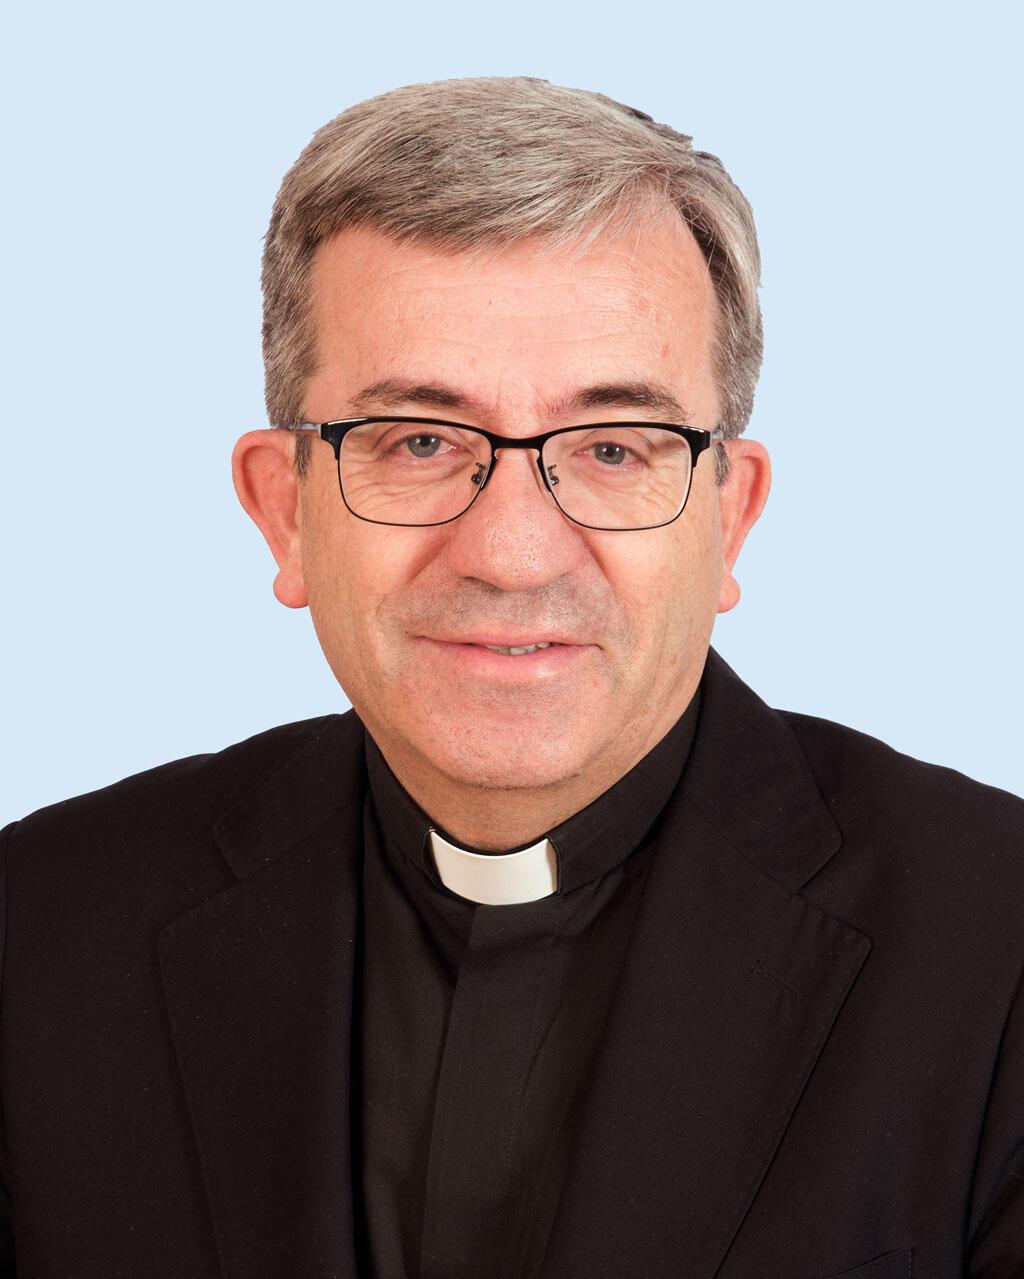 Monseigneur Luis Arguello, secrétaire général de l'Eglise épiscopale espagnole.